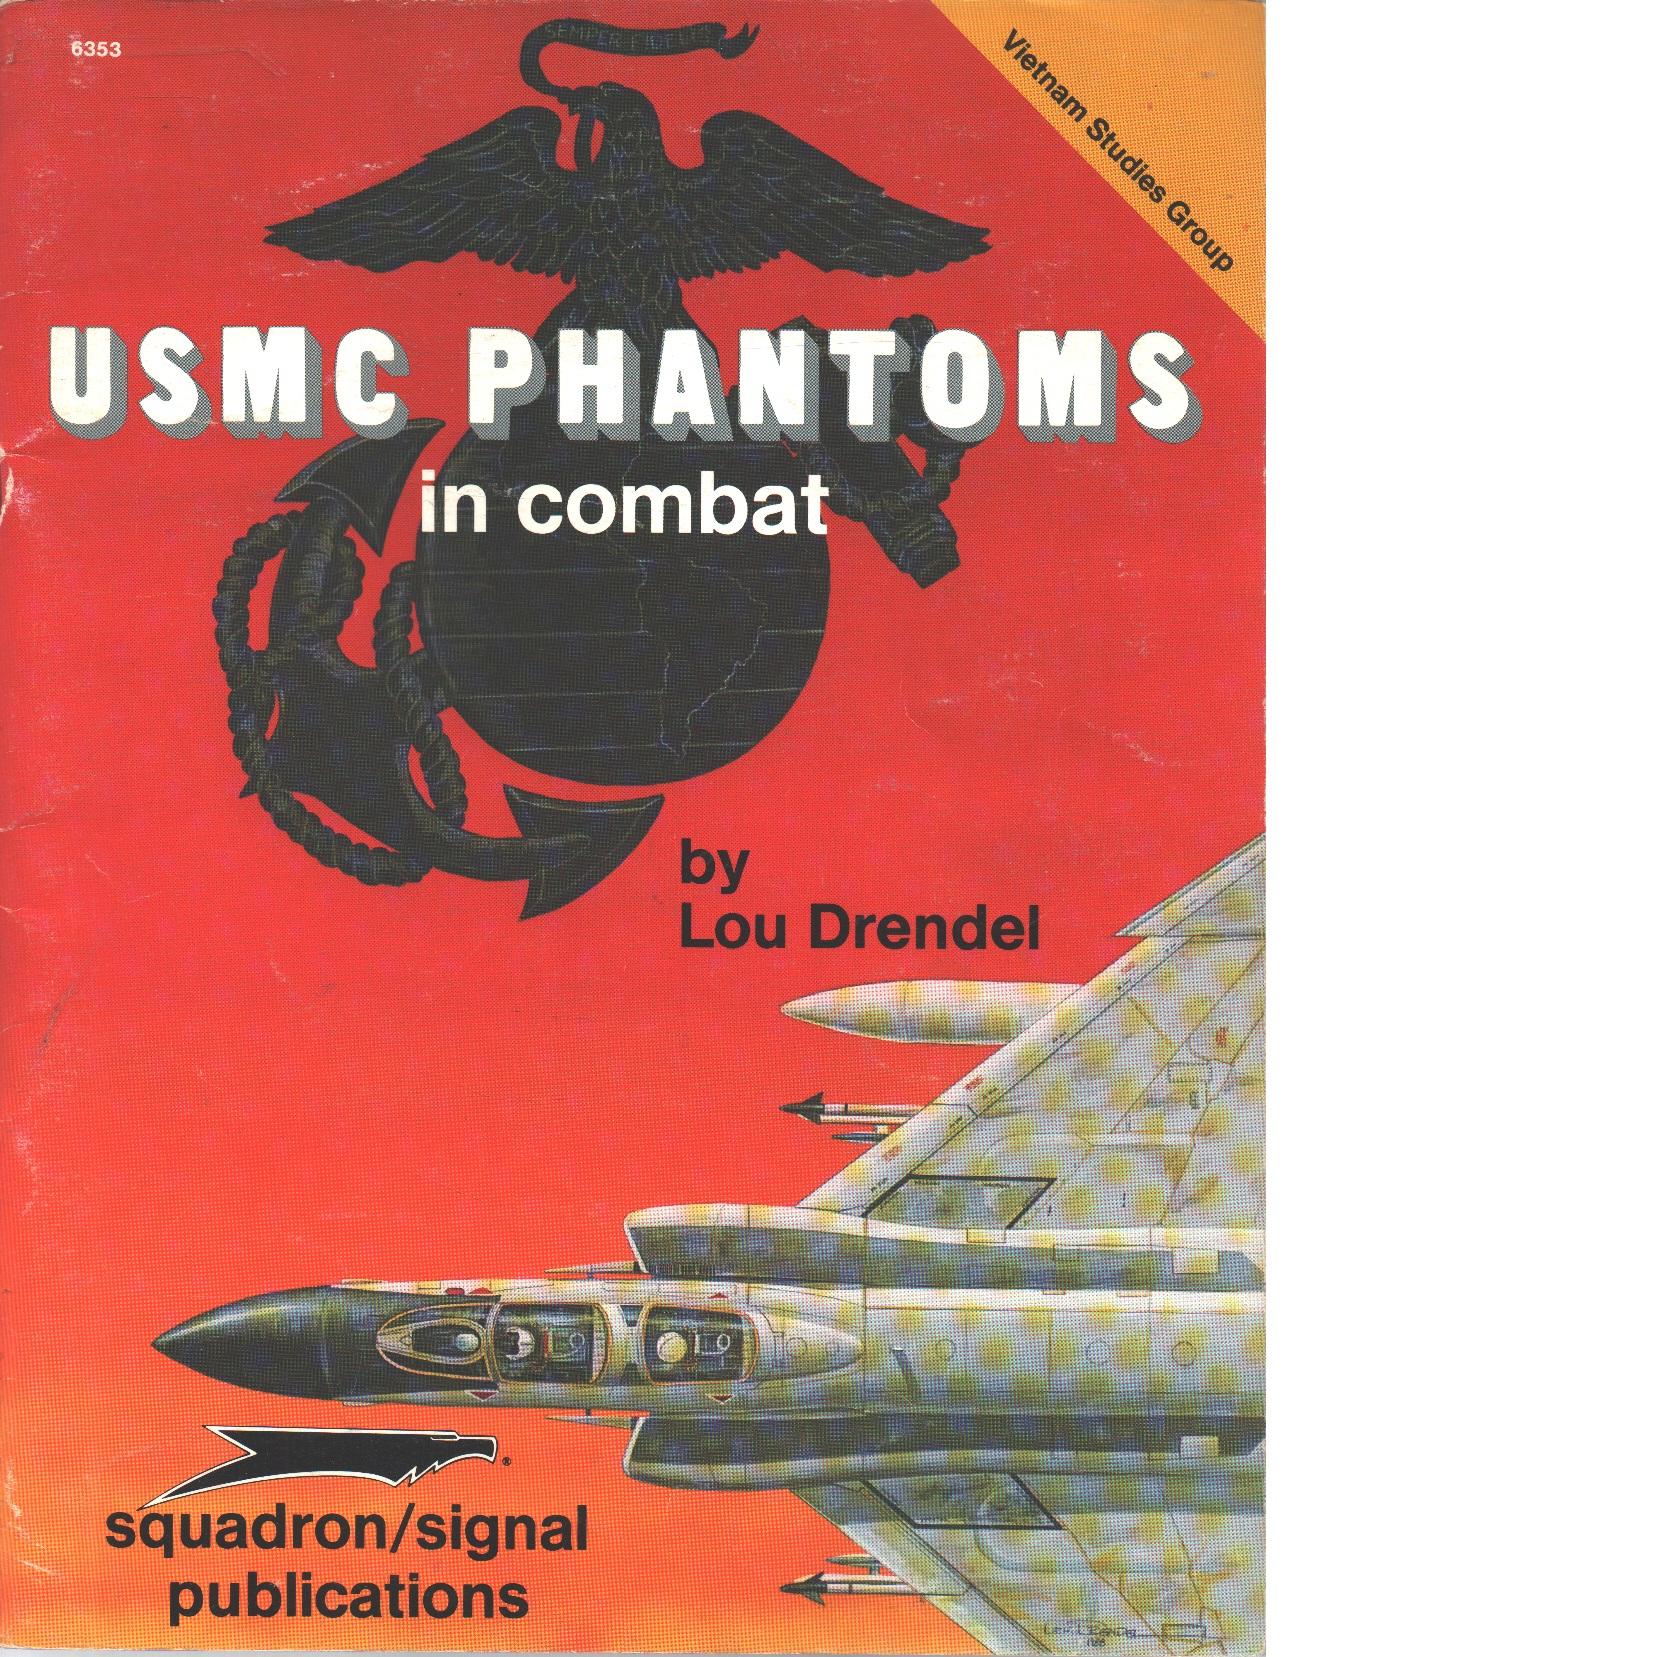 USMC Phantoms in Combat - Vietnam Studies Group - Drendel, Lou